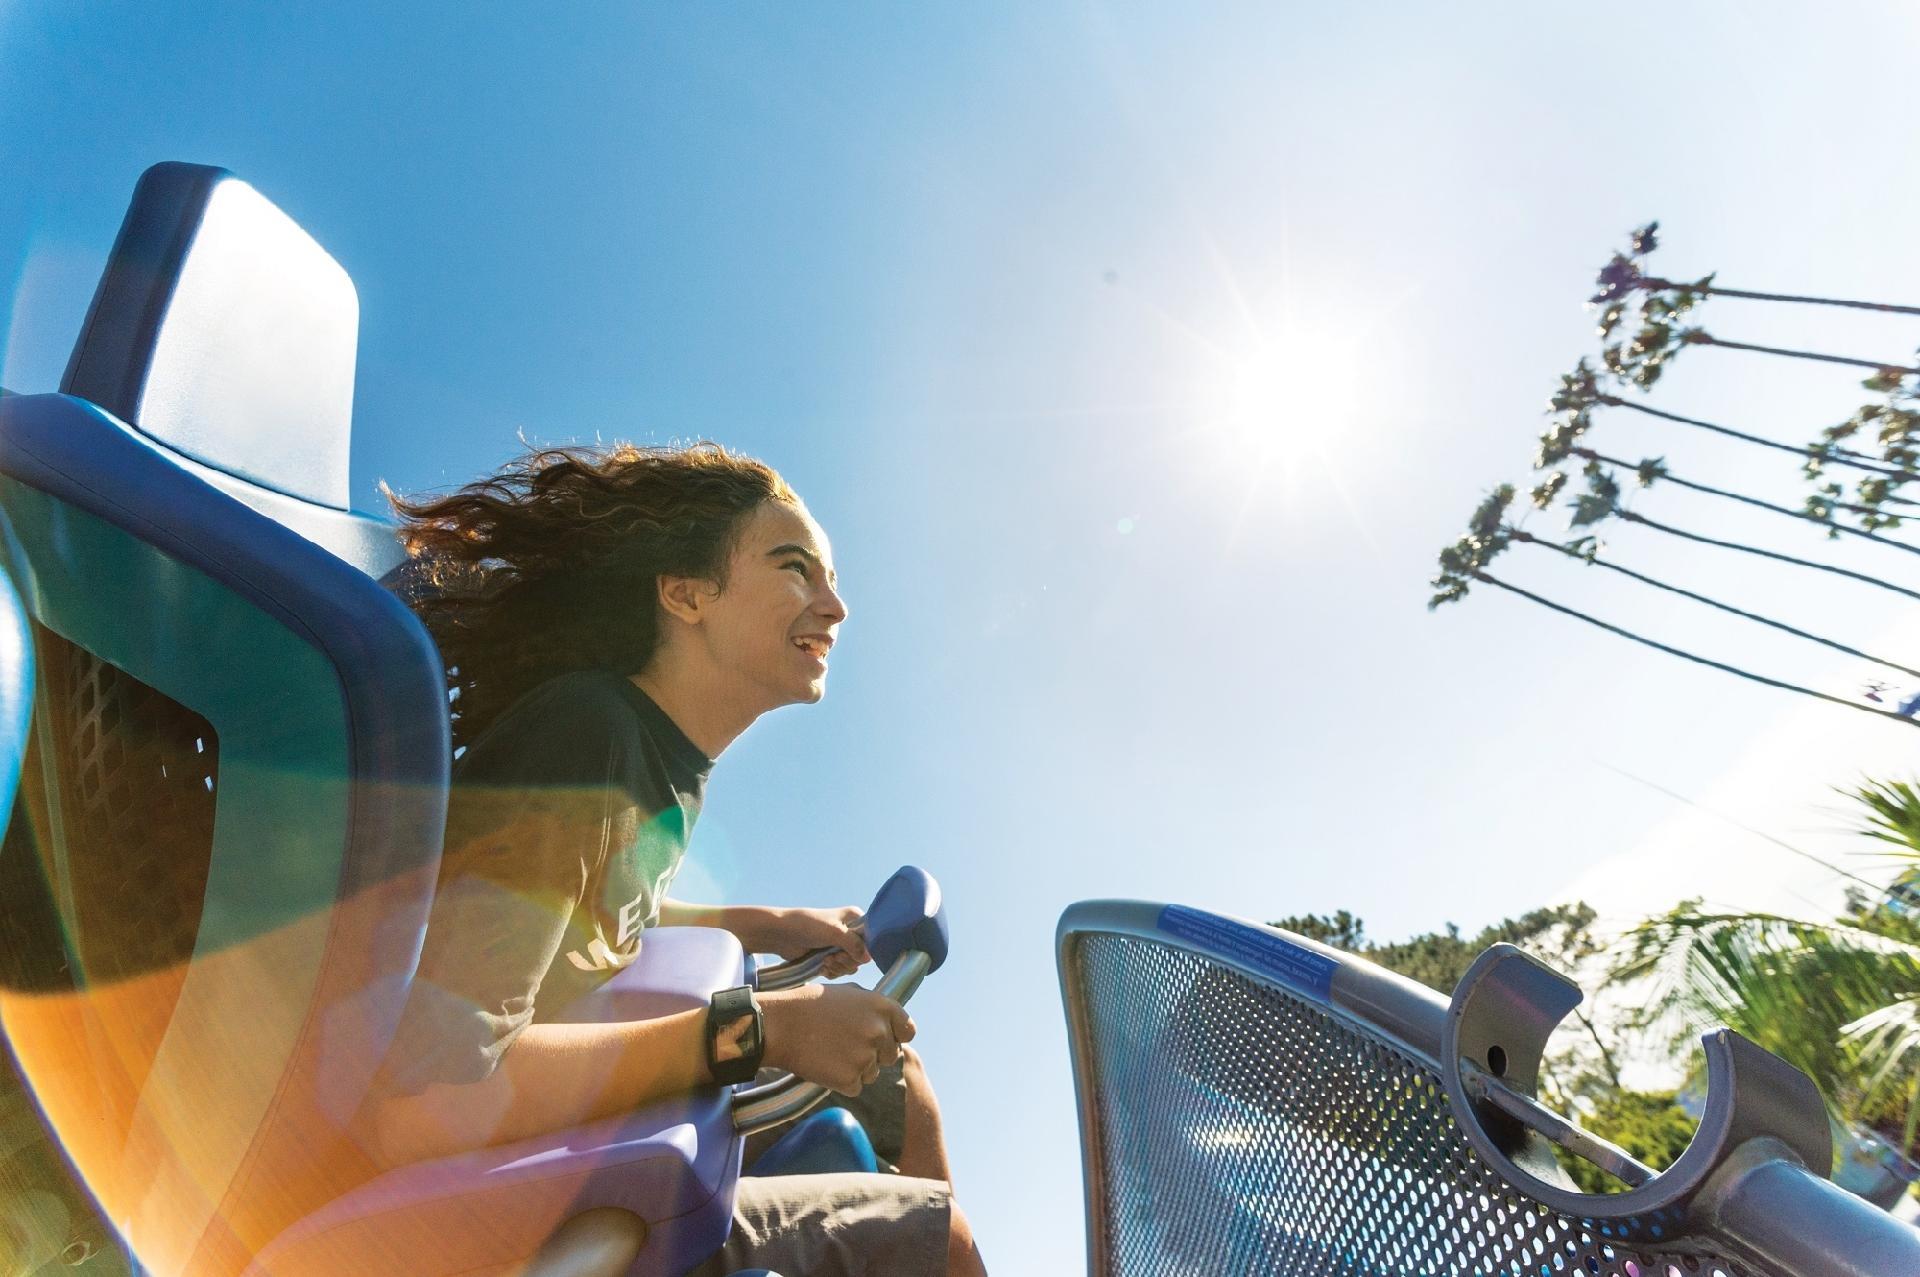 Além de Orlando, Califórnia tem parques de diversões incríveis; conheça